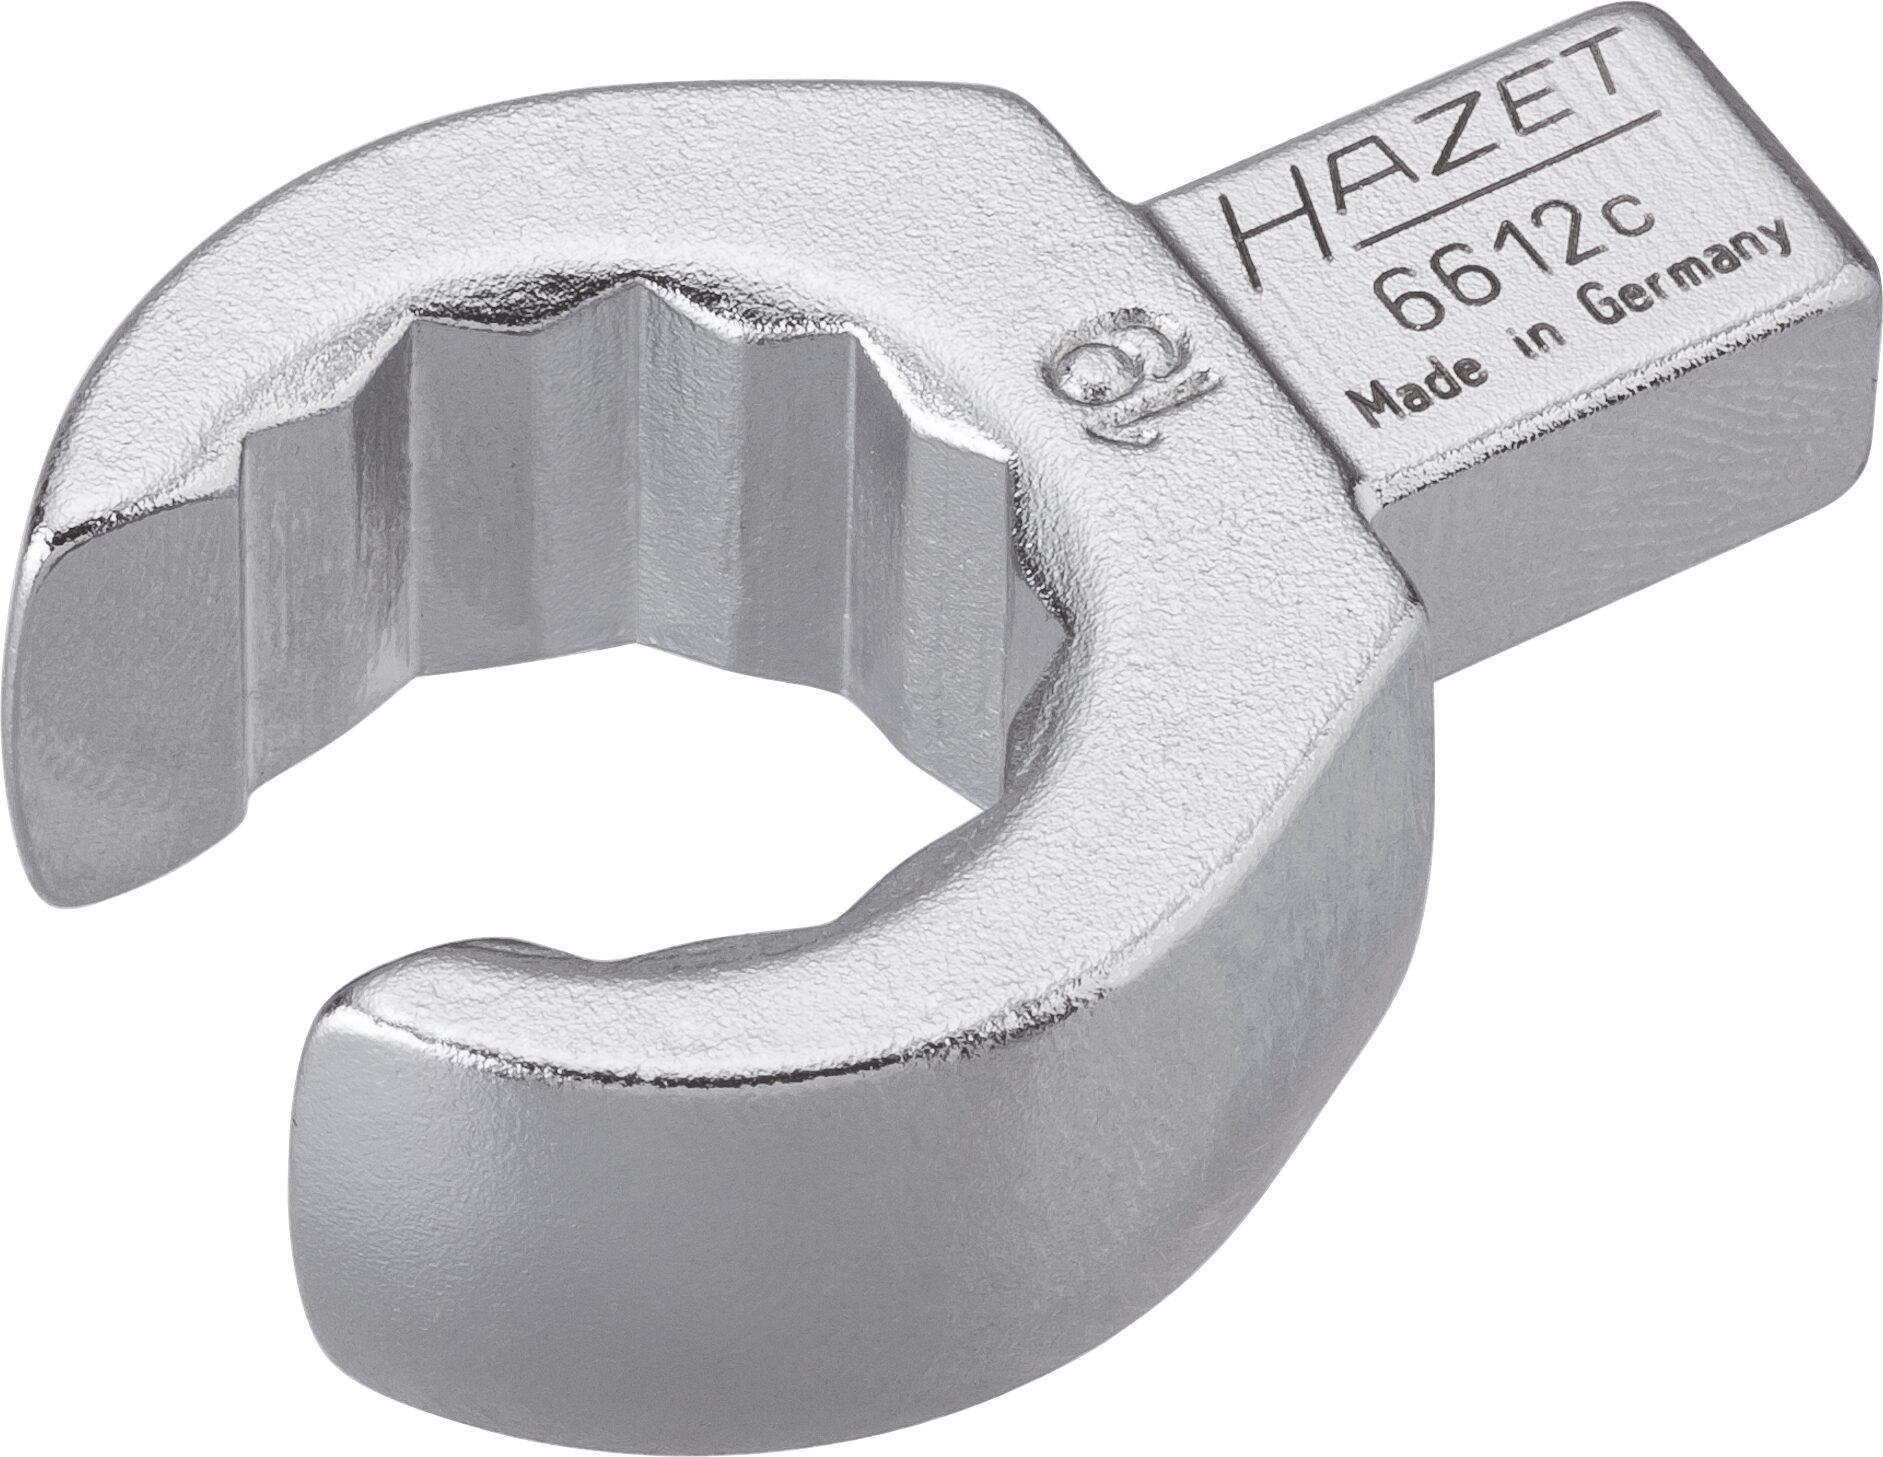 HAZET Einsteck-Ringschlüssel ∙ offen 6612C-19 ∙ Einsteck-Vierkant 9 x 12 mm ∙ Außen-Doppel-Sechskant Profil ∙ 19 mm